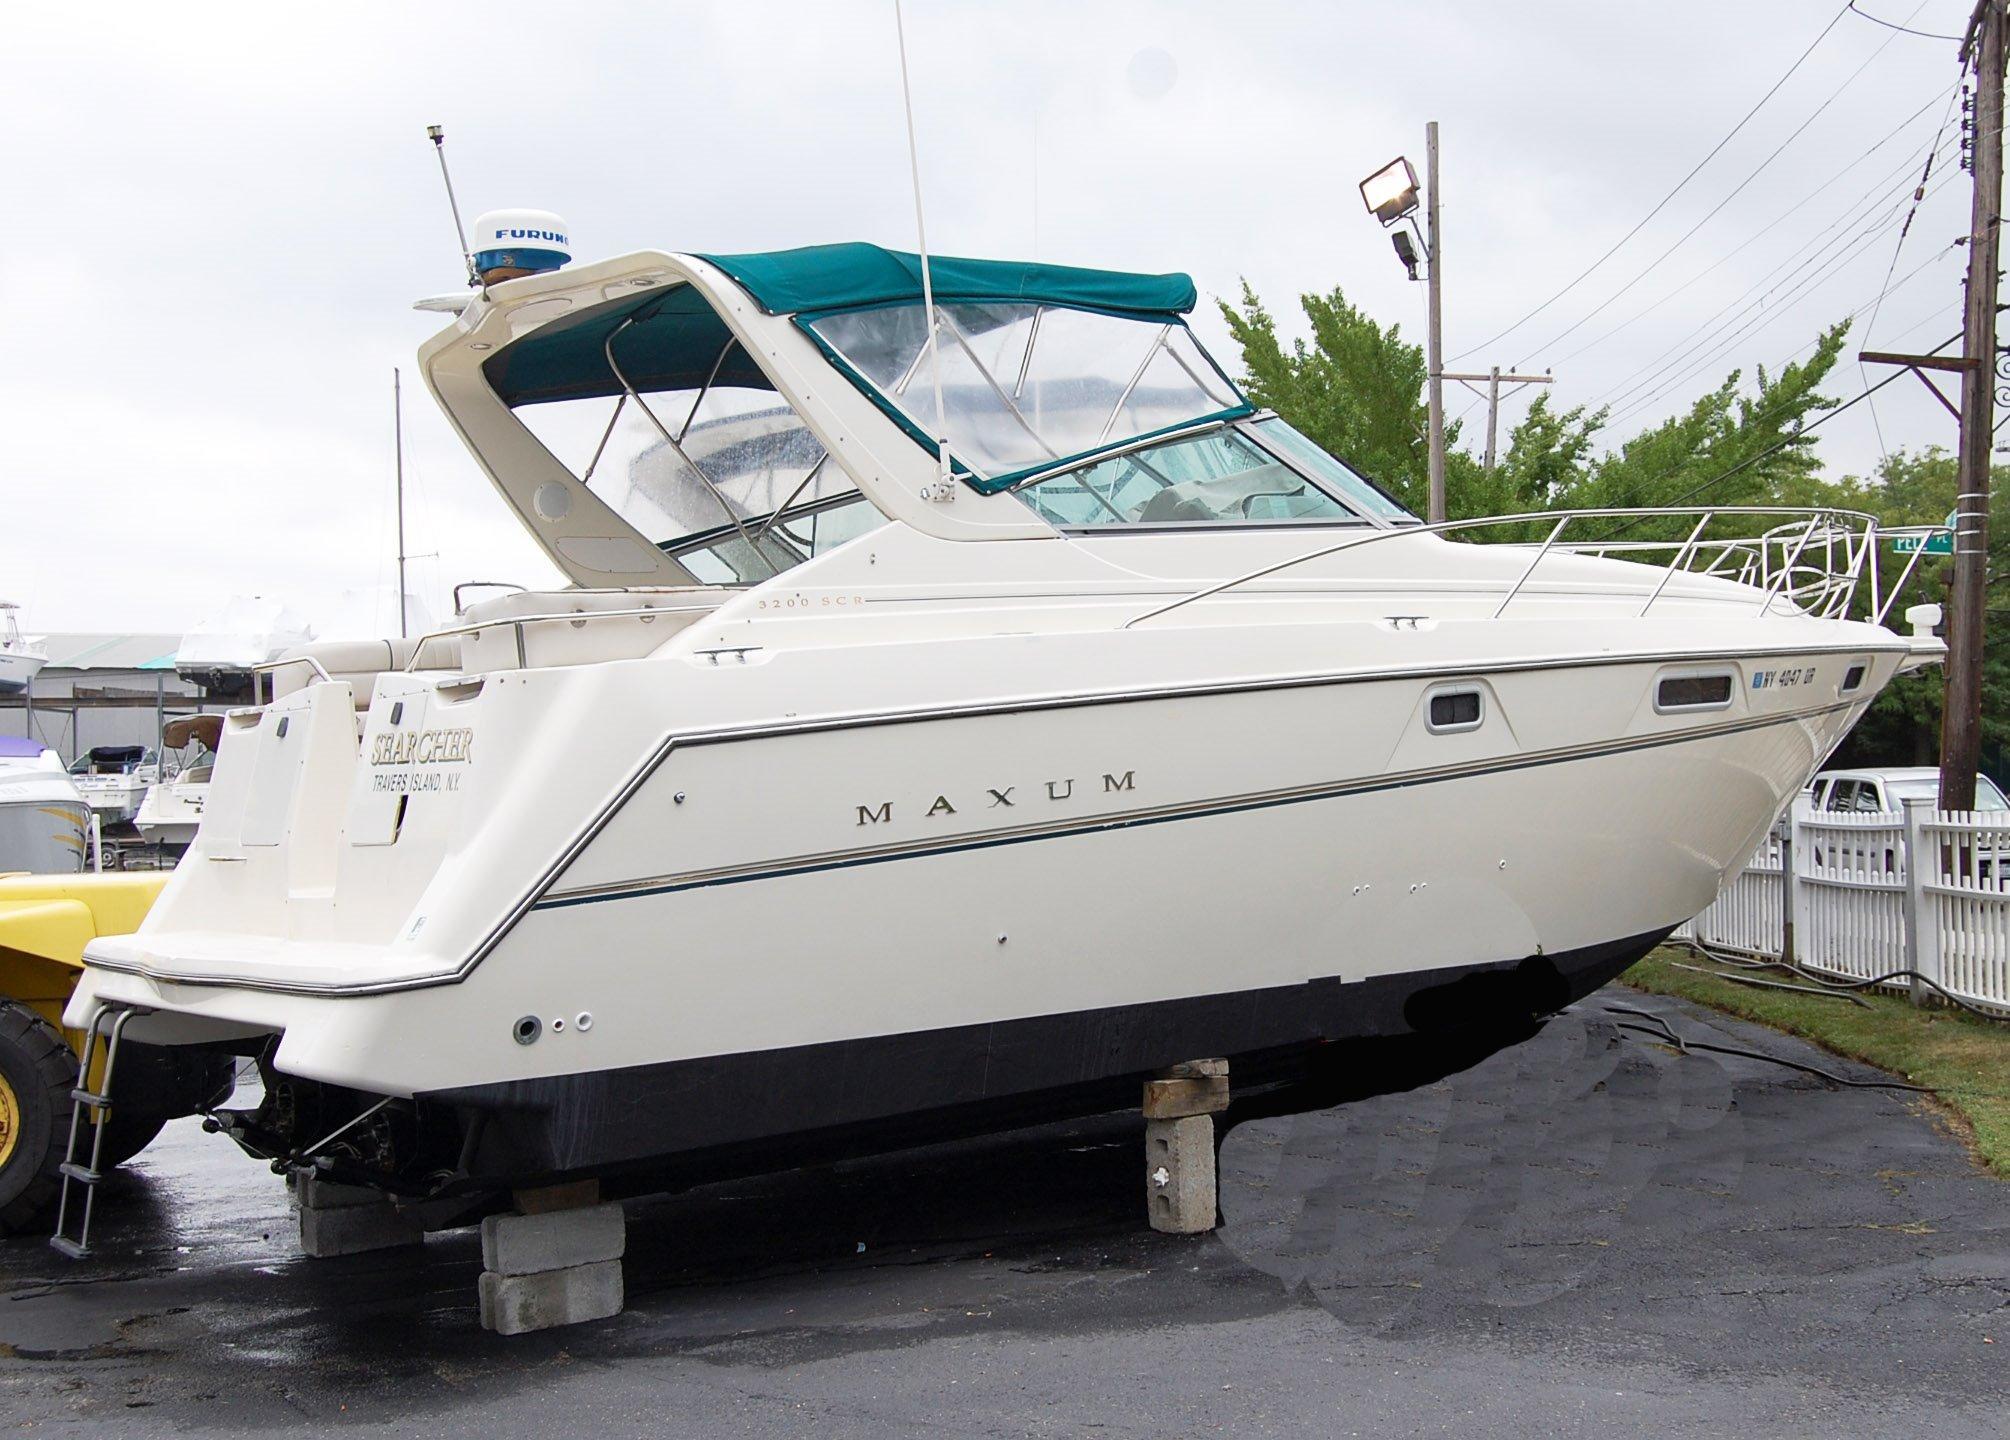 1996 Maxum 3200 SCR Motore Barca In Vendita Www